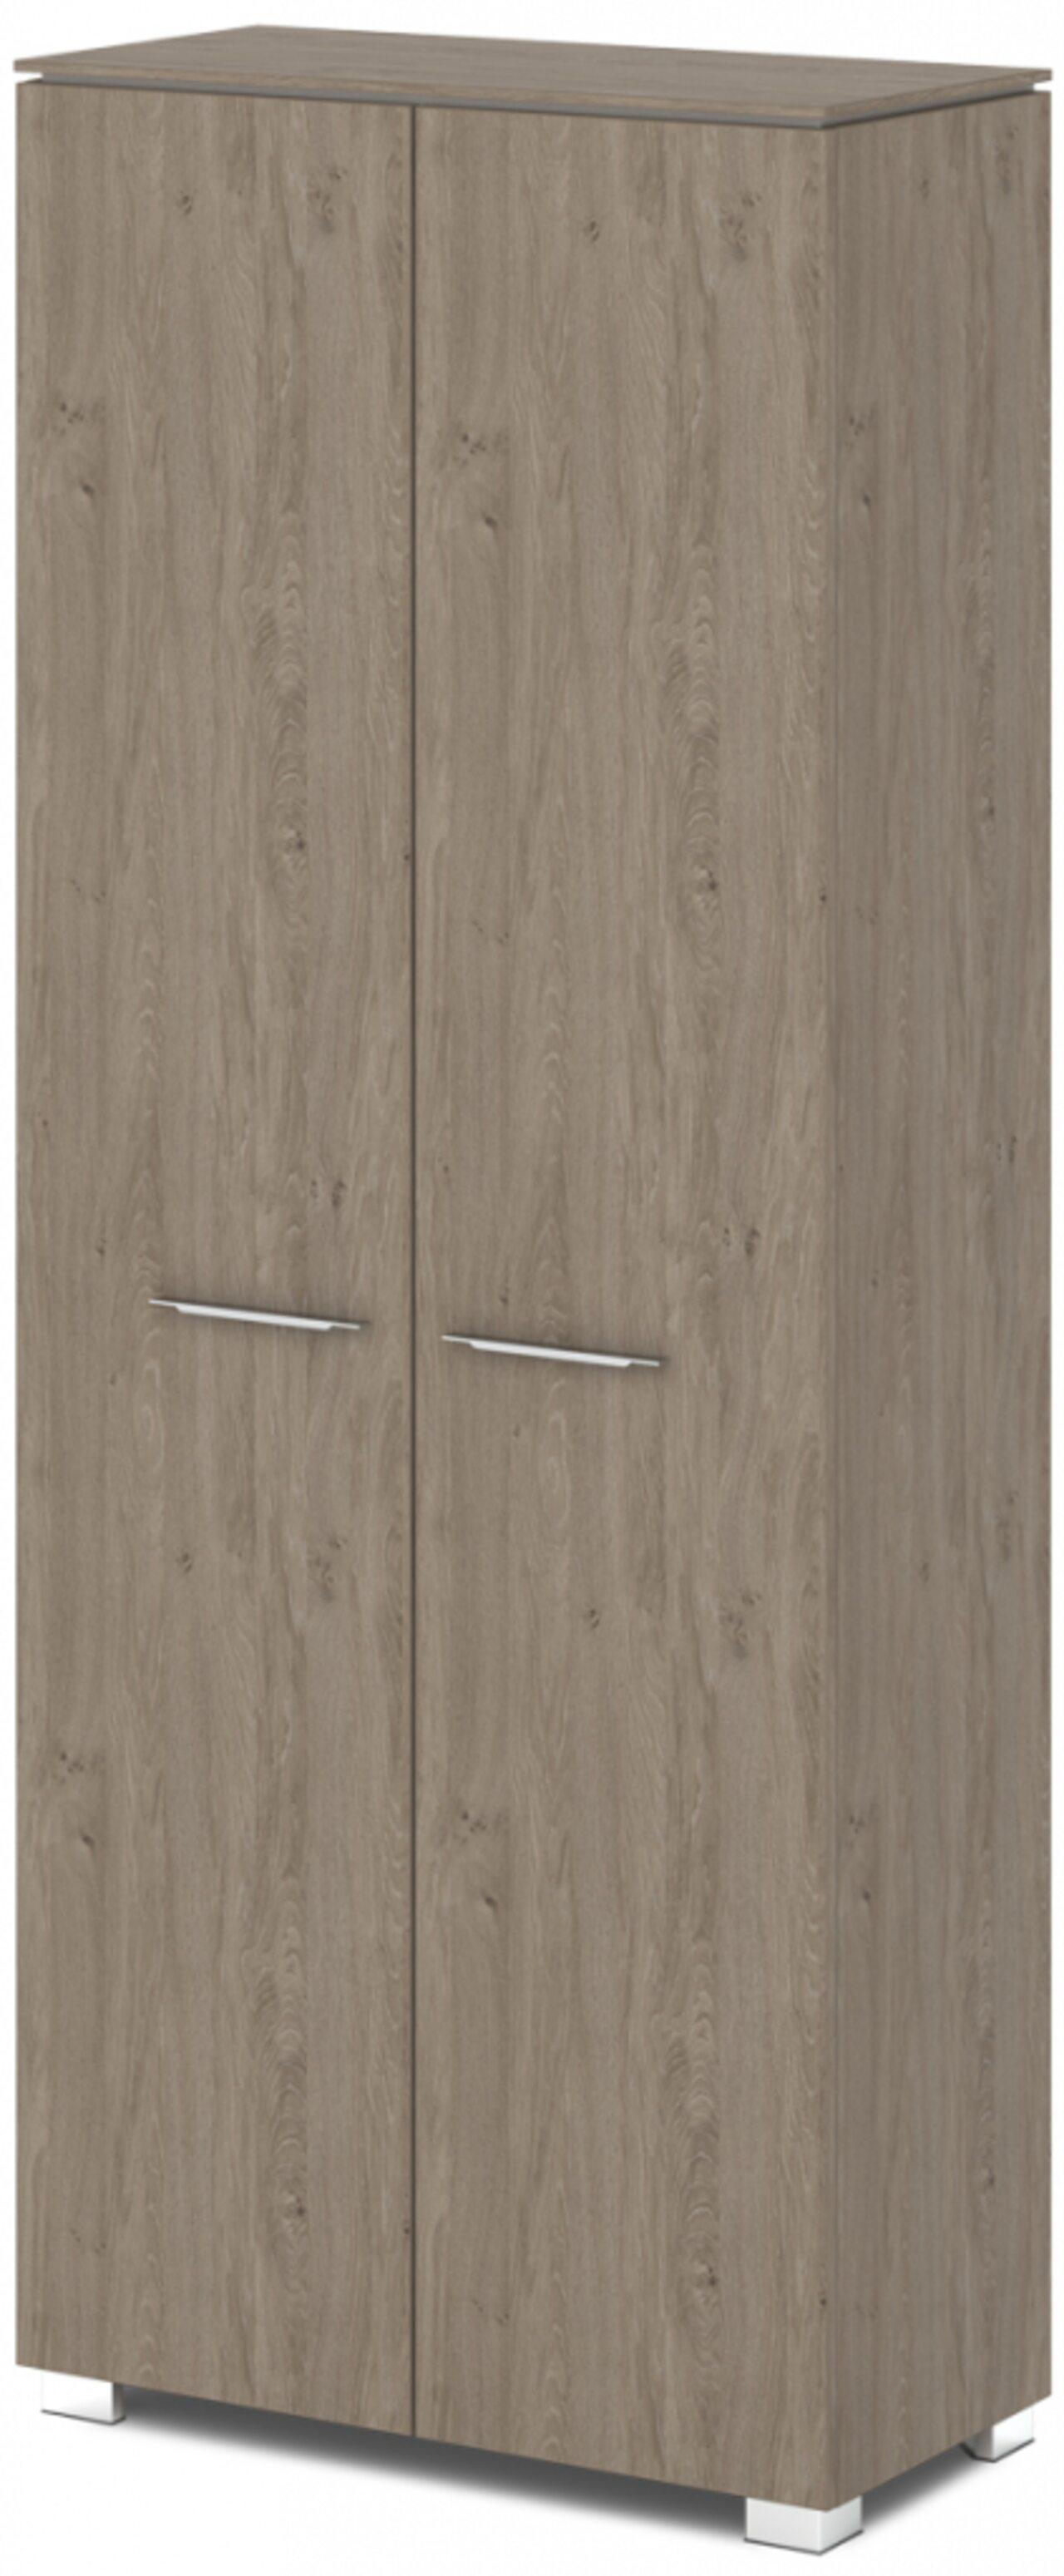 Шкаф для одежды комбинированный - фото 6